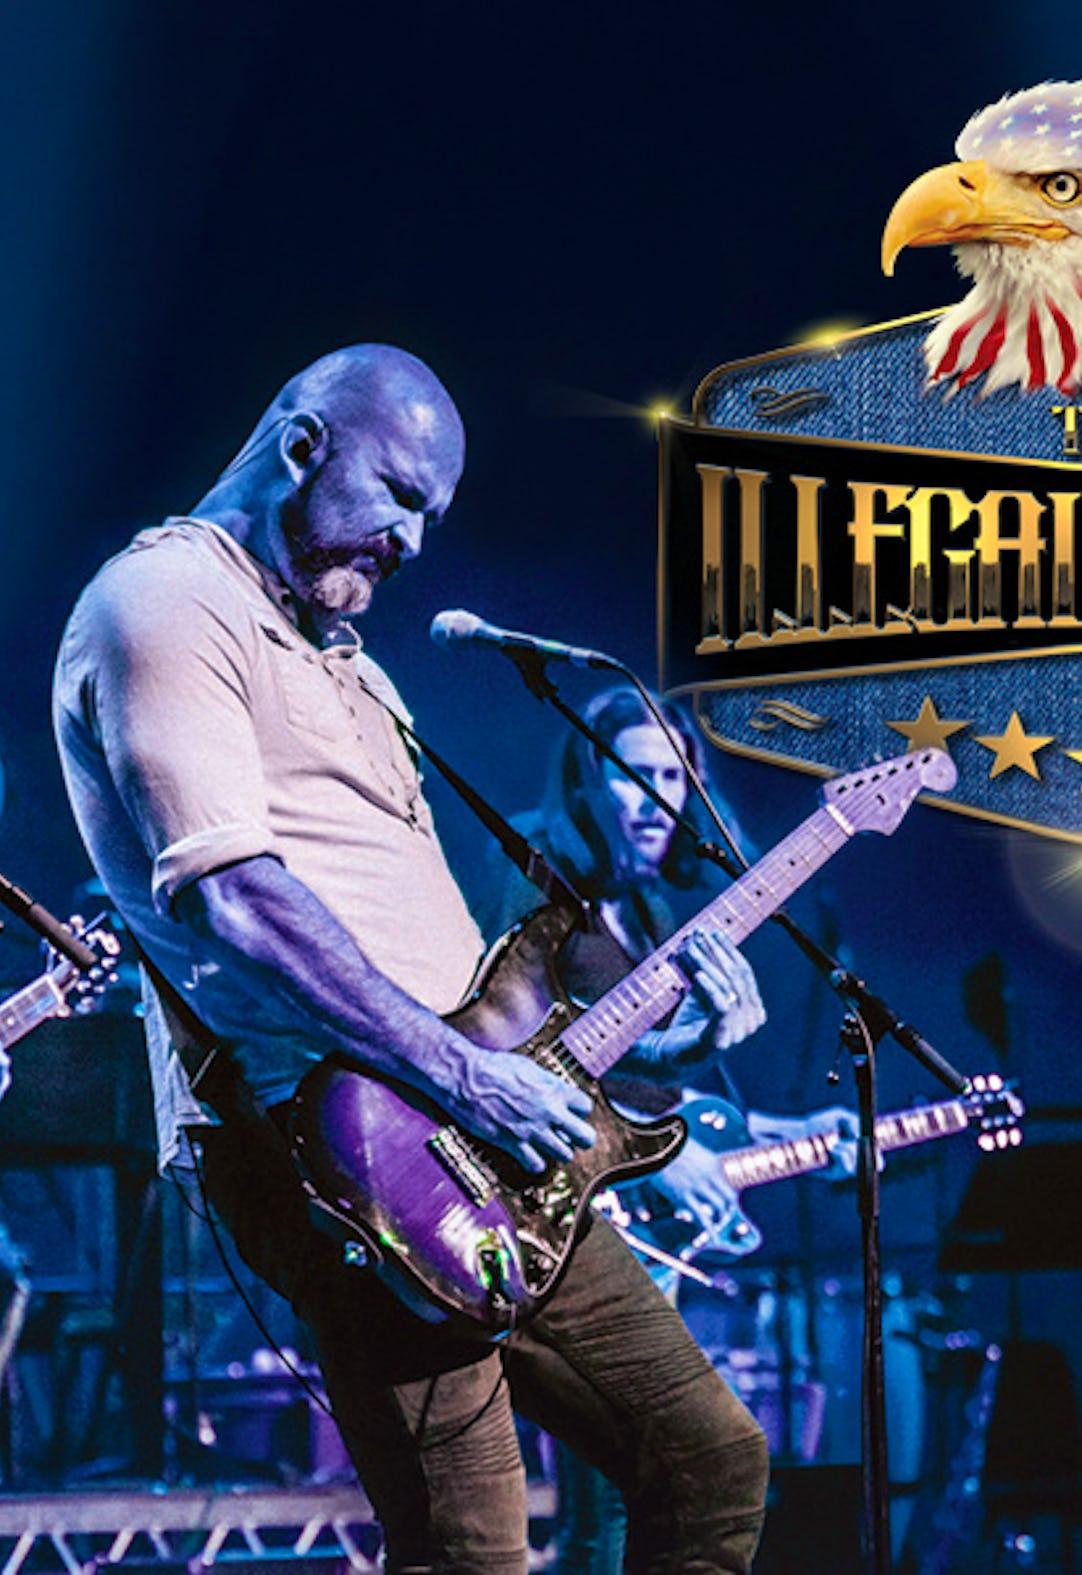 Eagles Tour Dates 2020.The Illegal Eagles Tour Dates Tickets 2020 Ents24